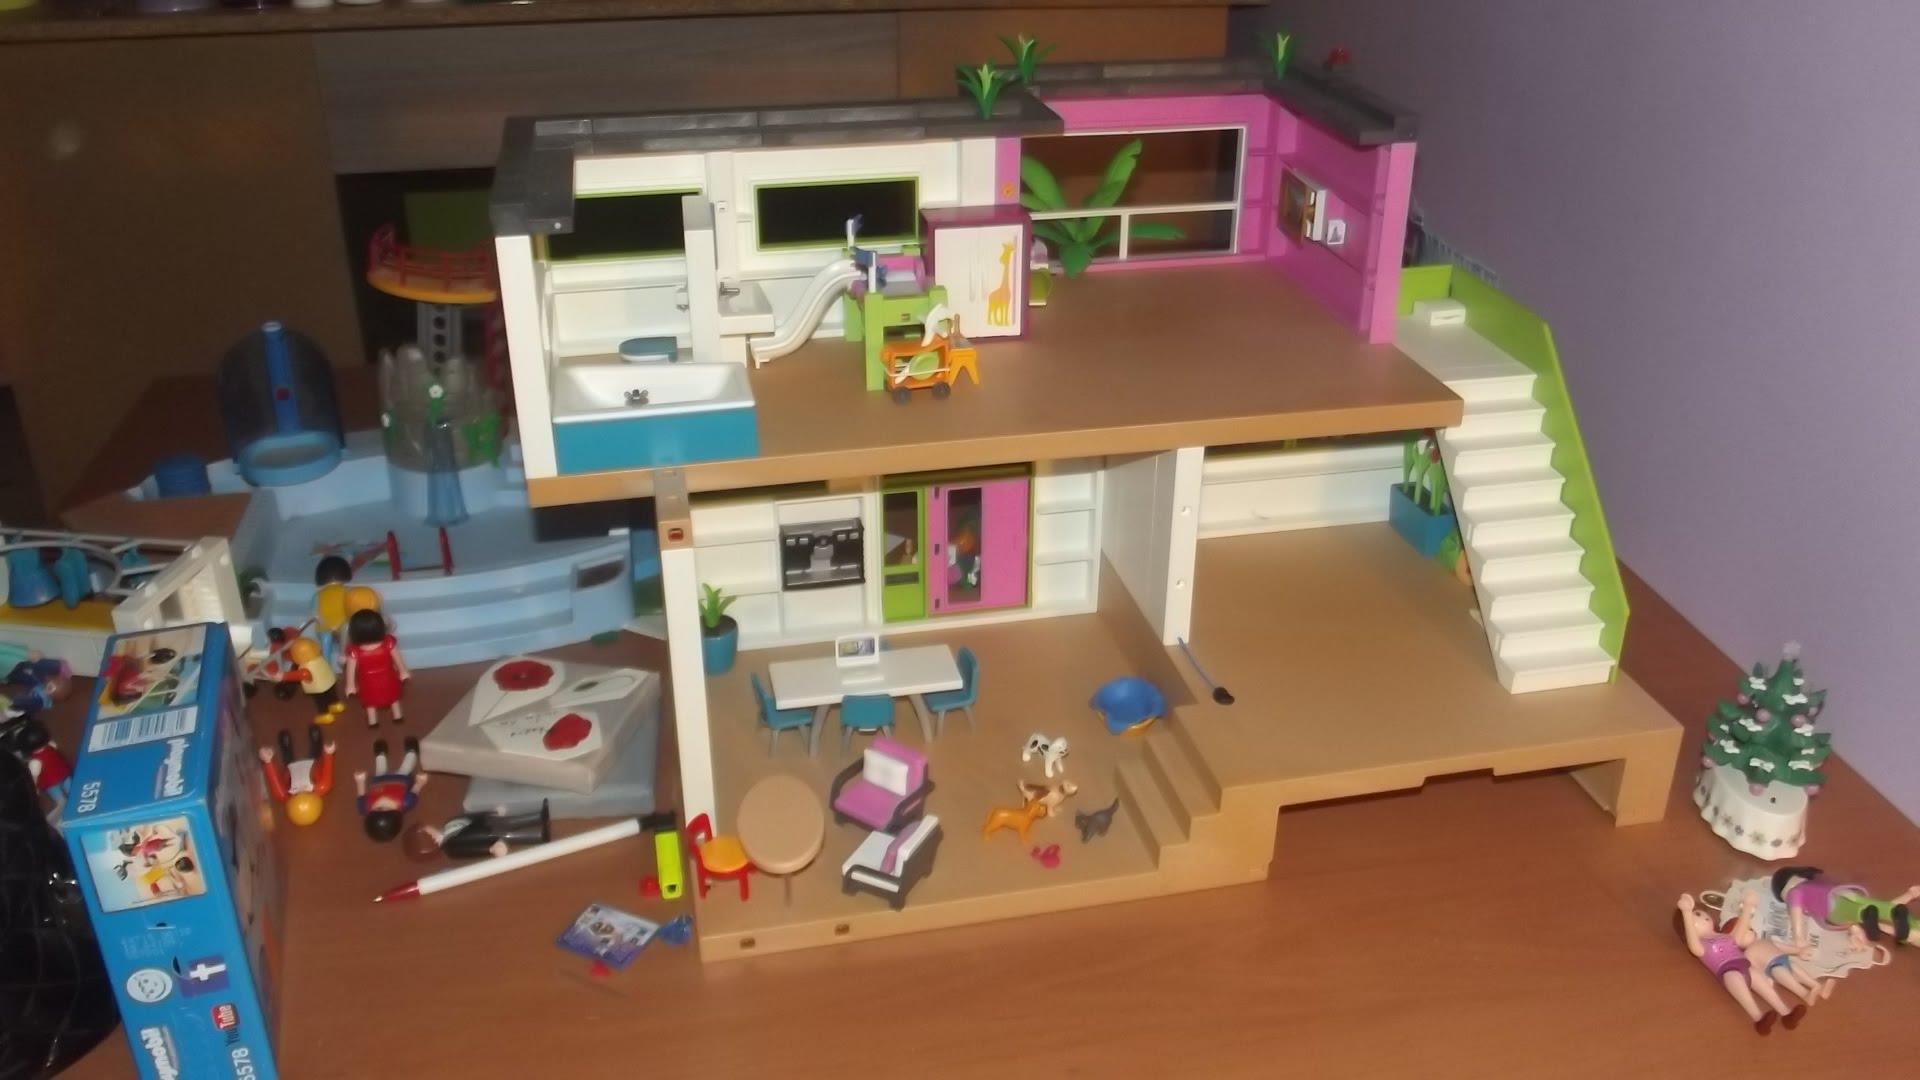 Playmobil maison moderne complete - zagafrica.fr